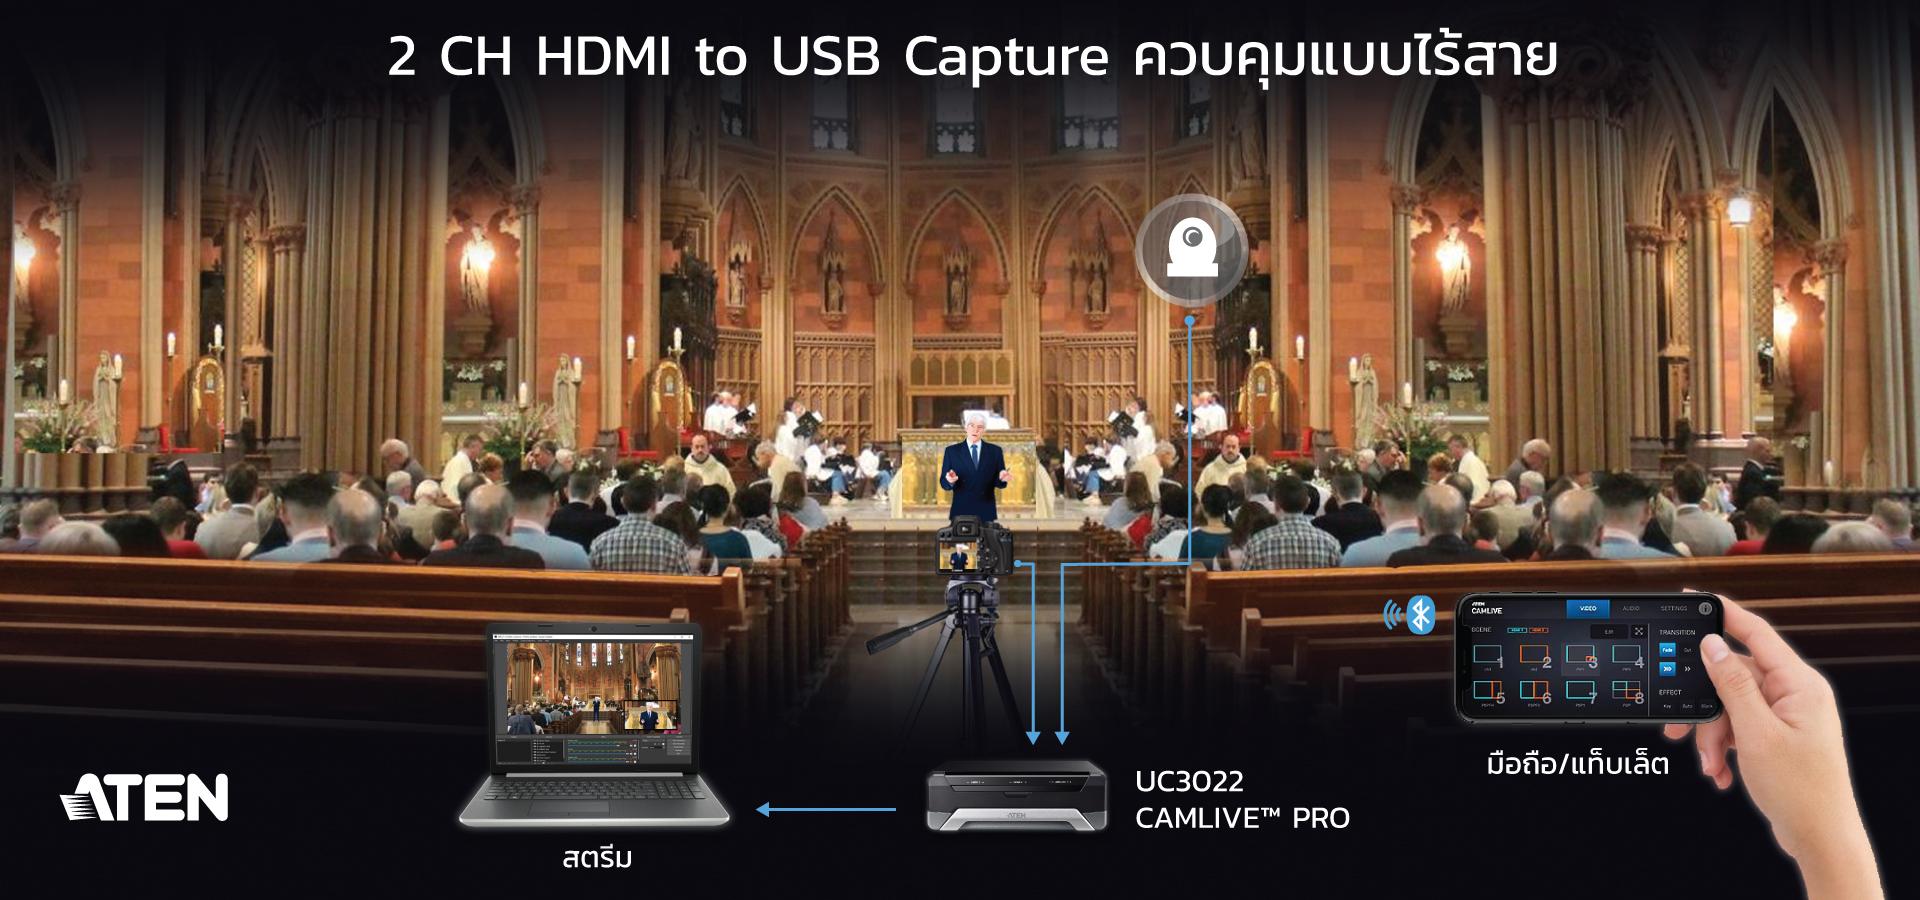 UC3022-MD15.jpg